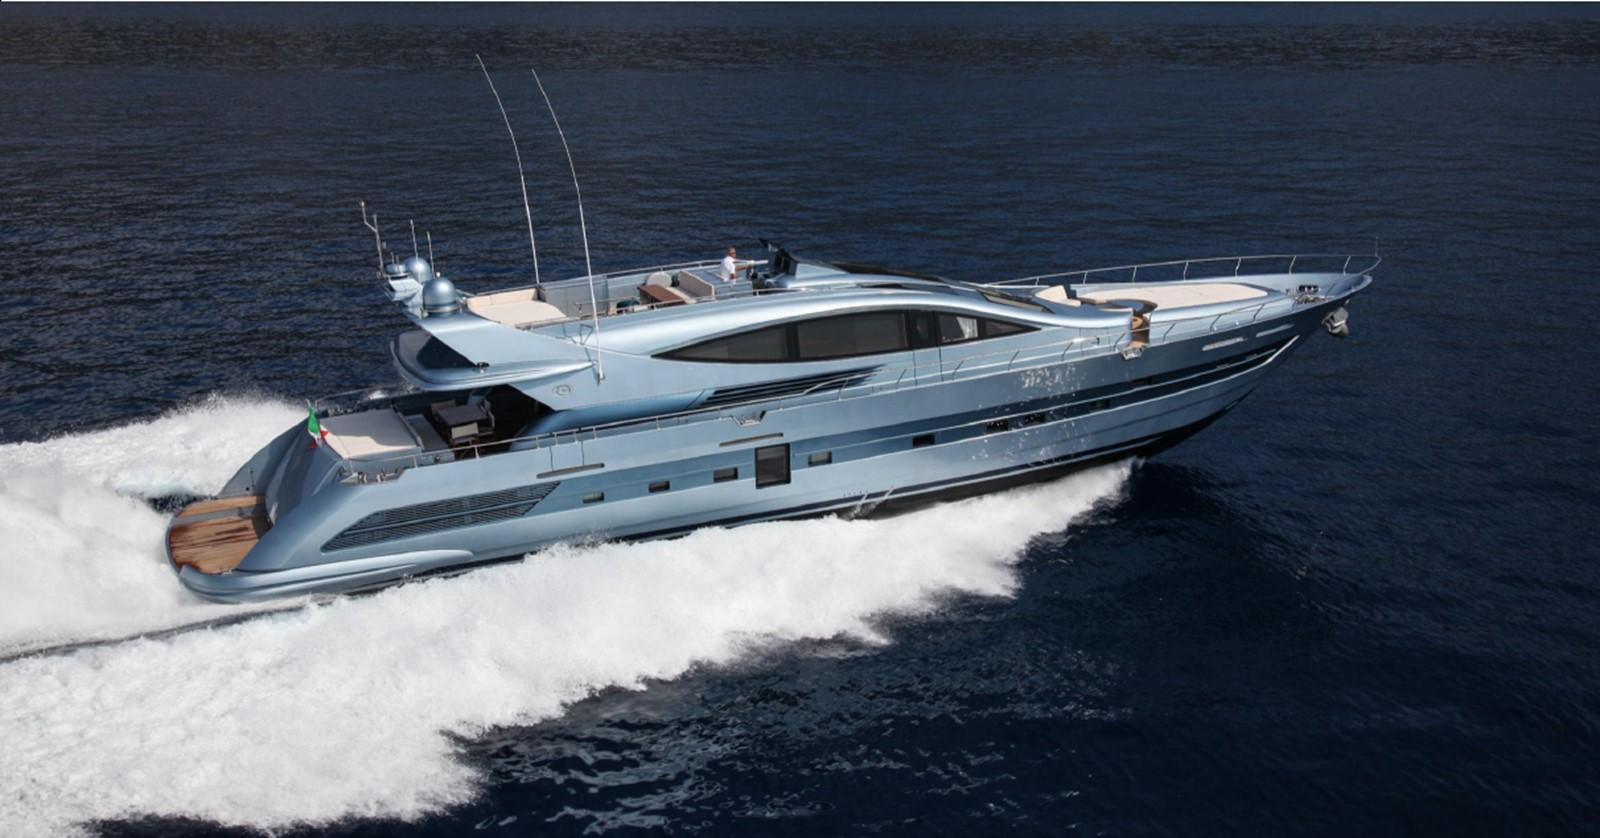 2017 Cerri Cantieri Navali  For Sale